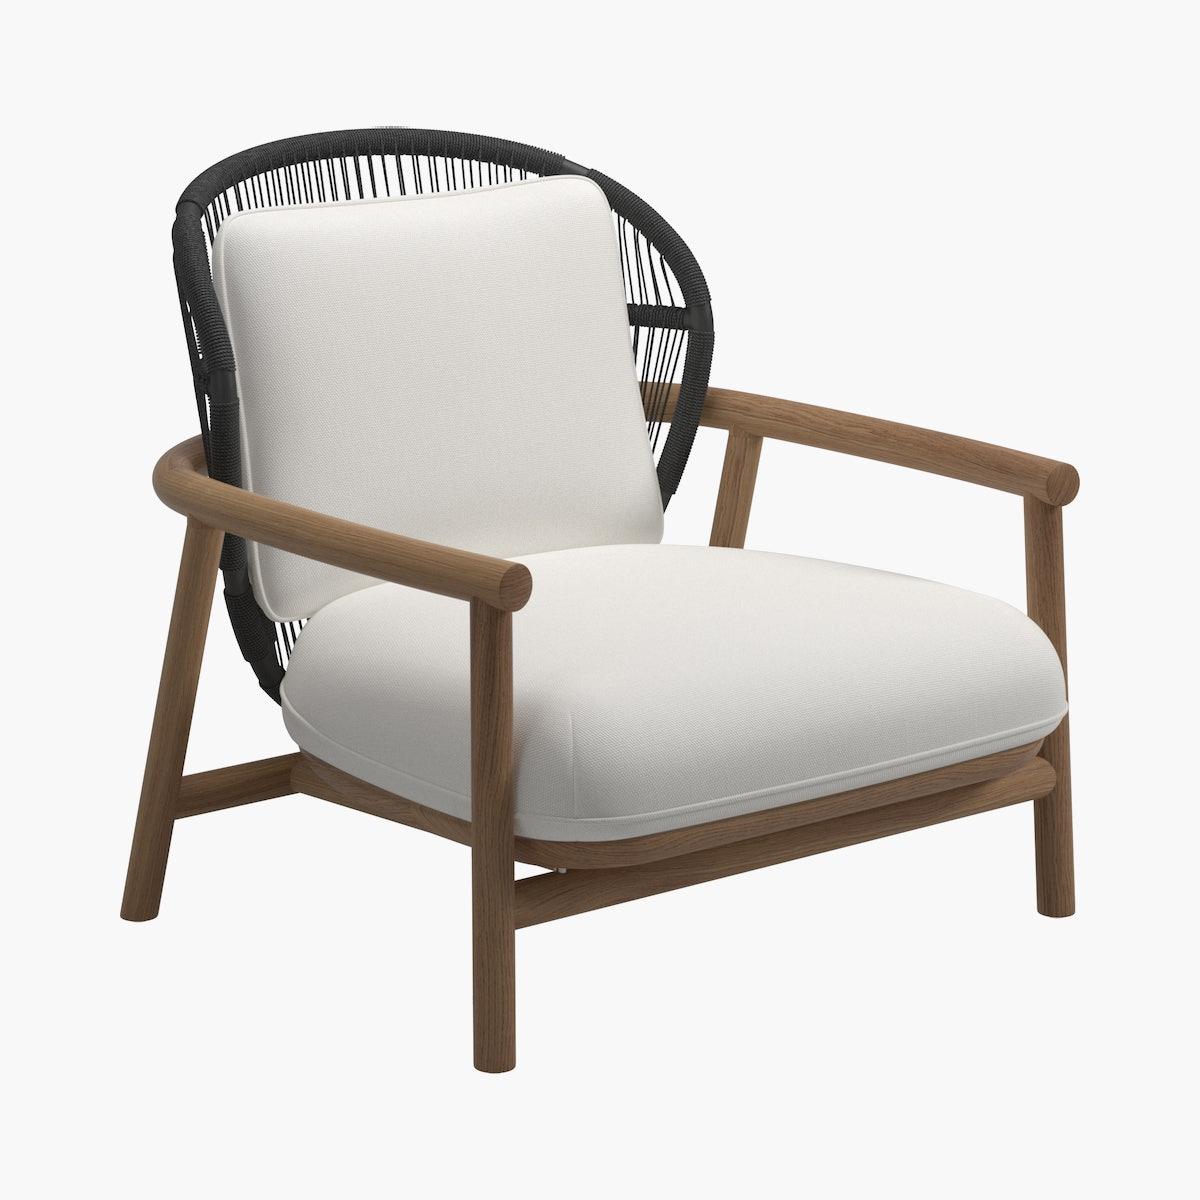 Fern Lounge Chair